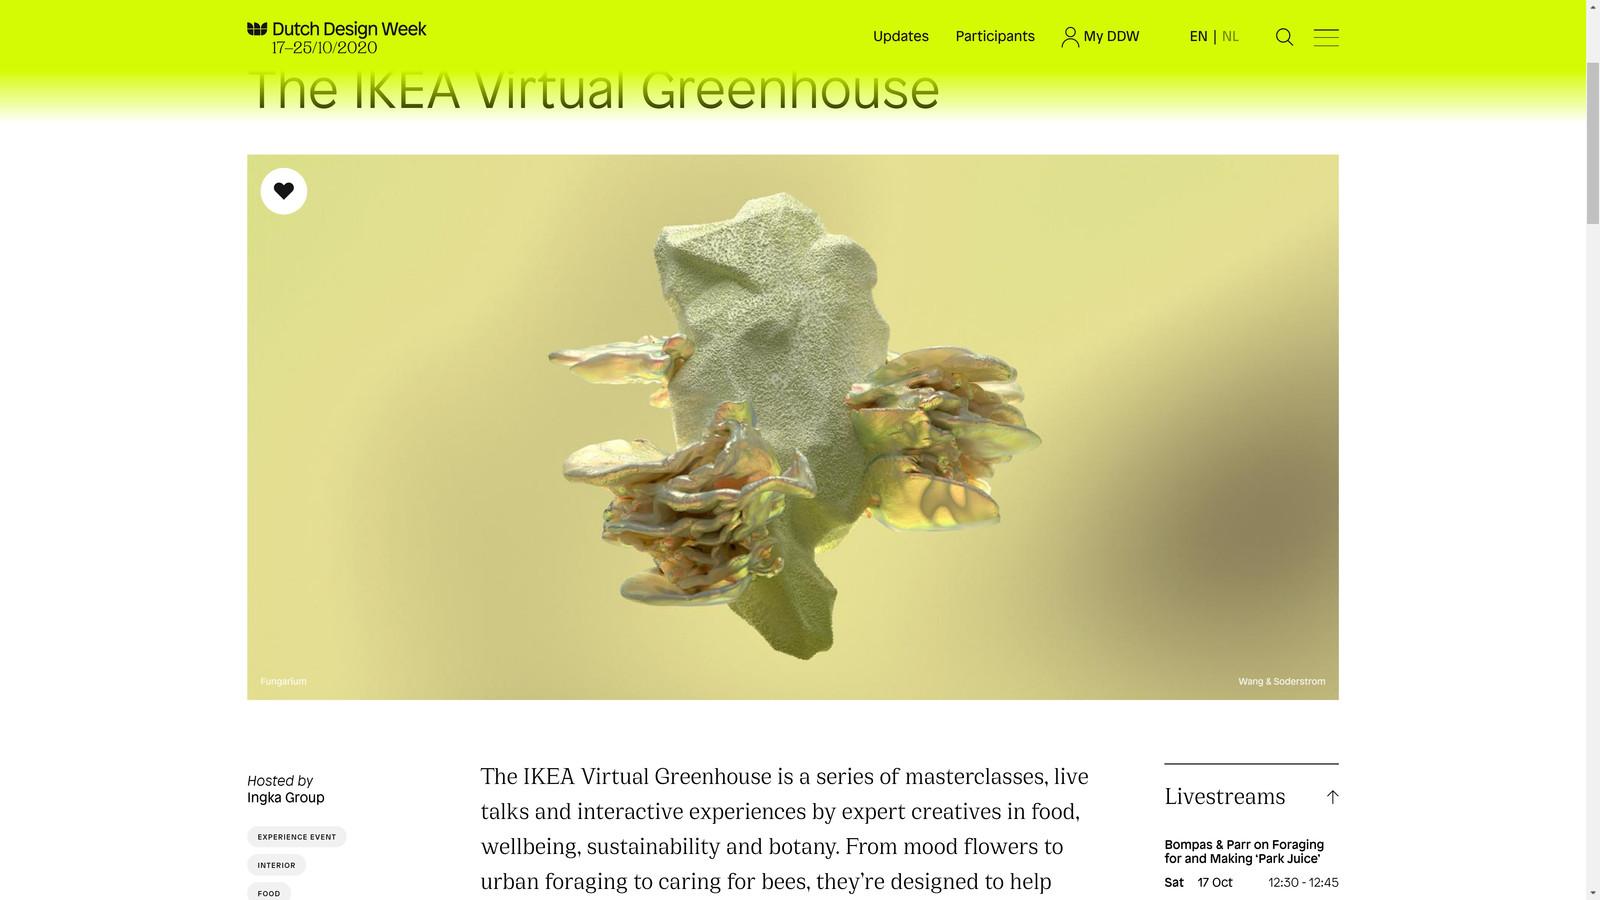 De prototype van de Ikea-omgeving op de website van de DDW.